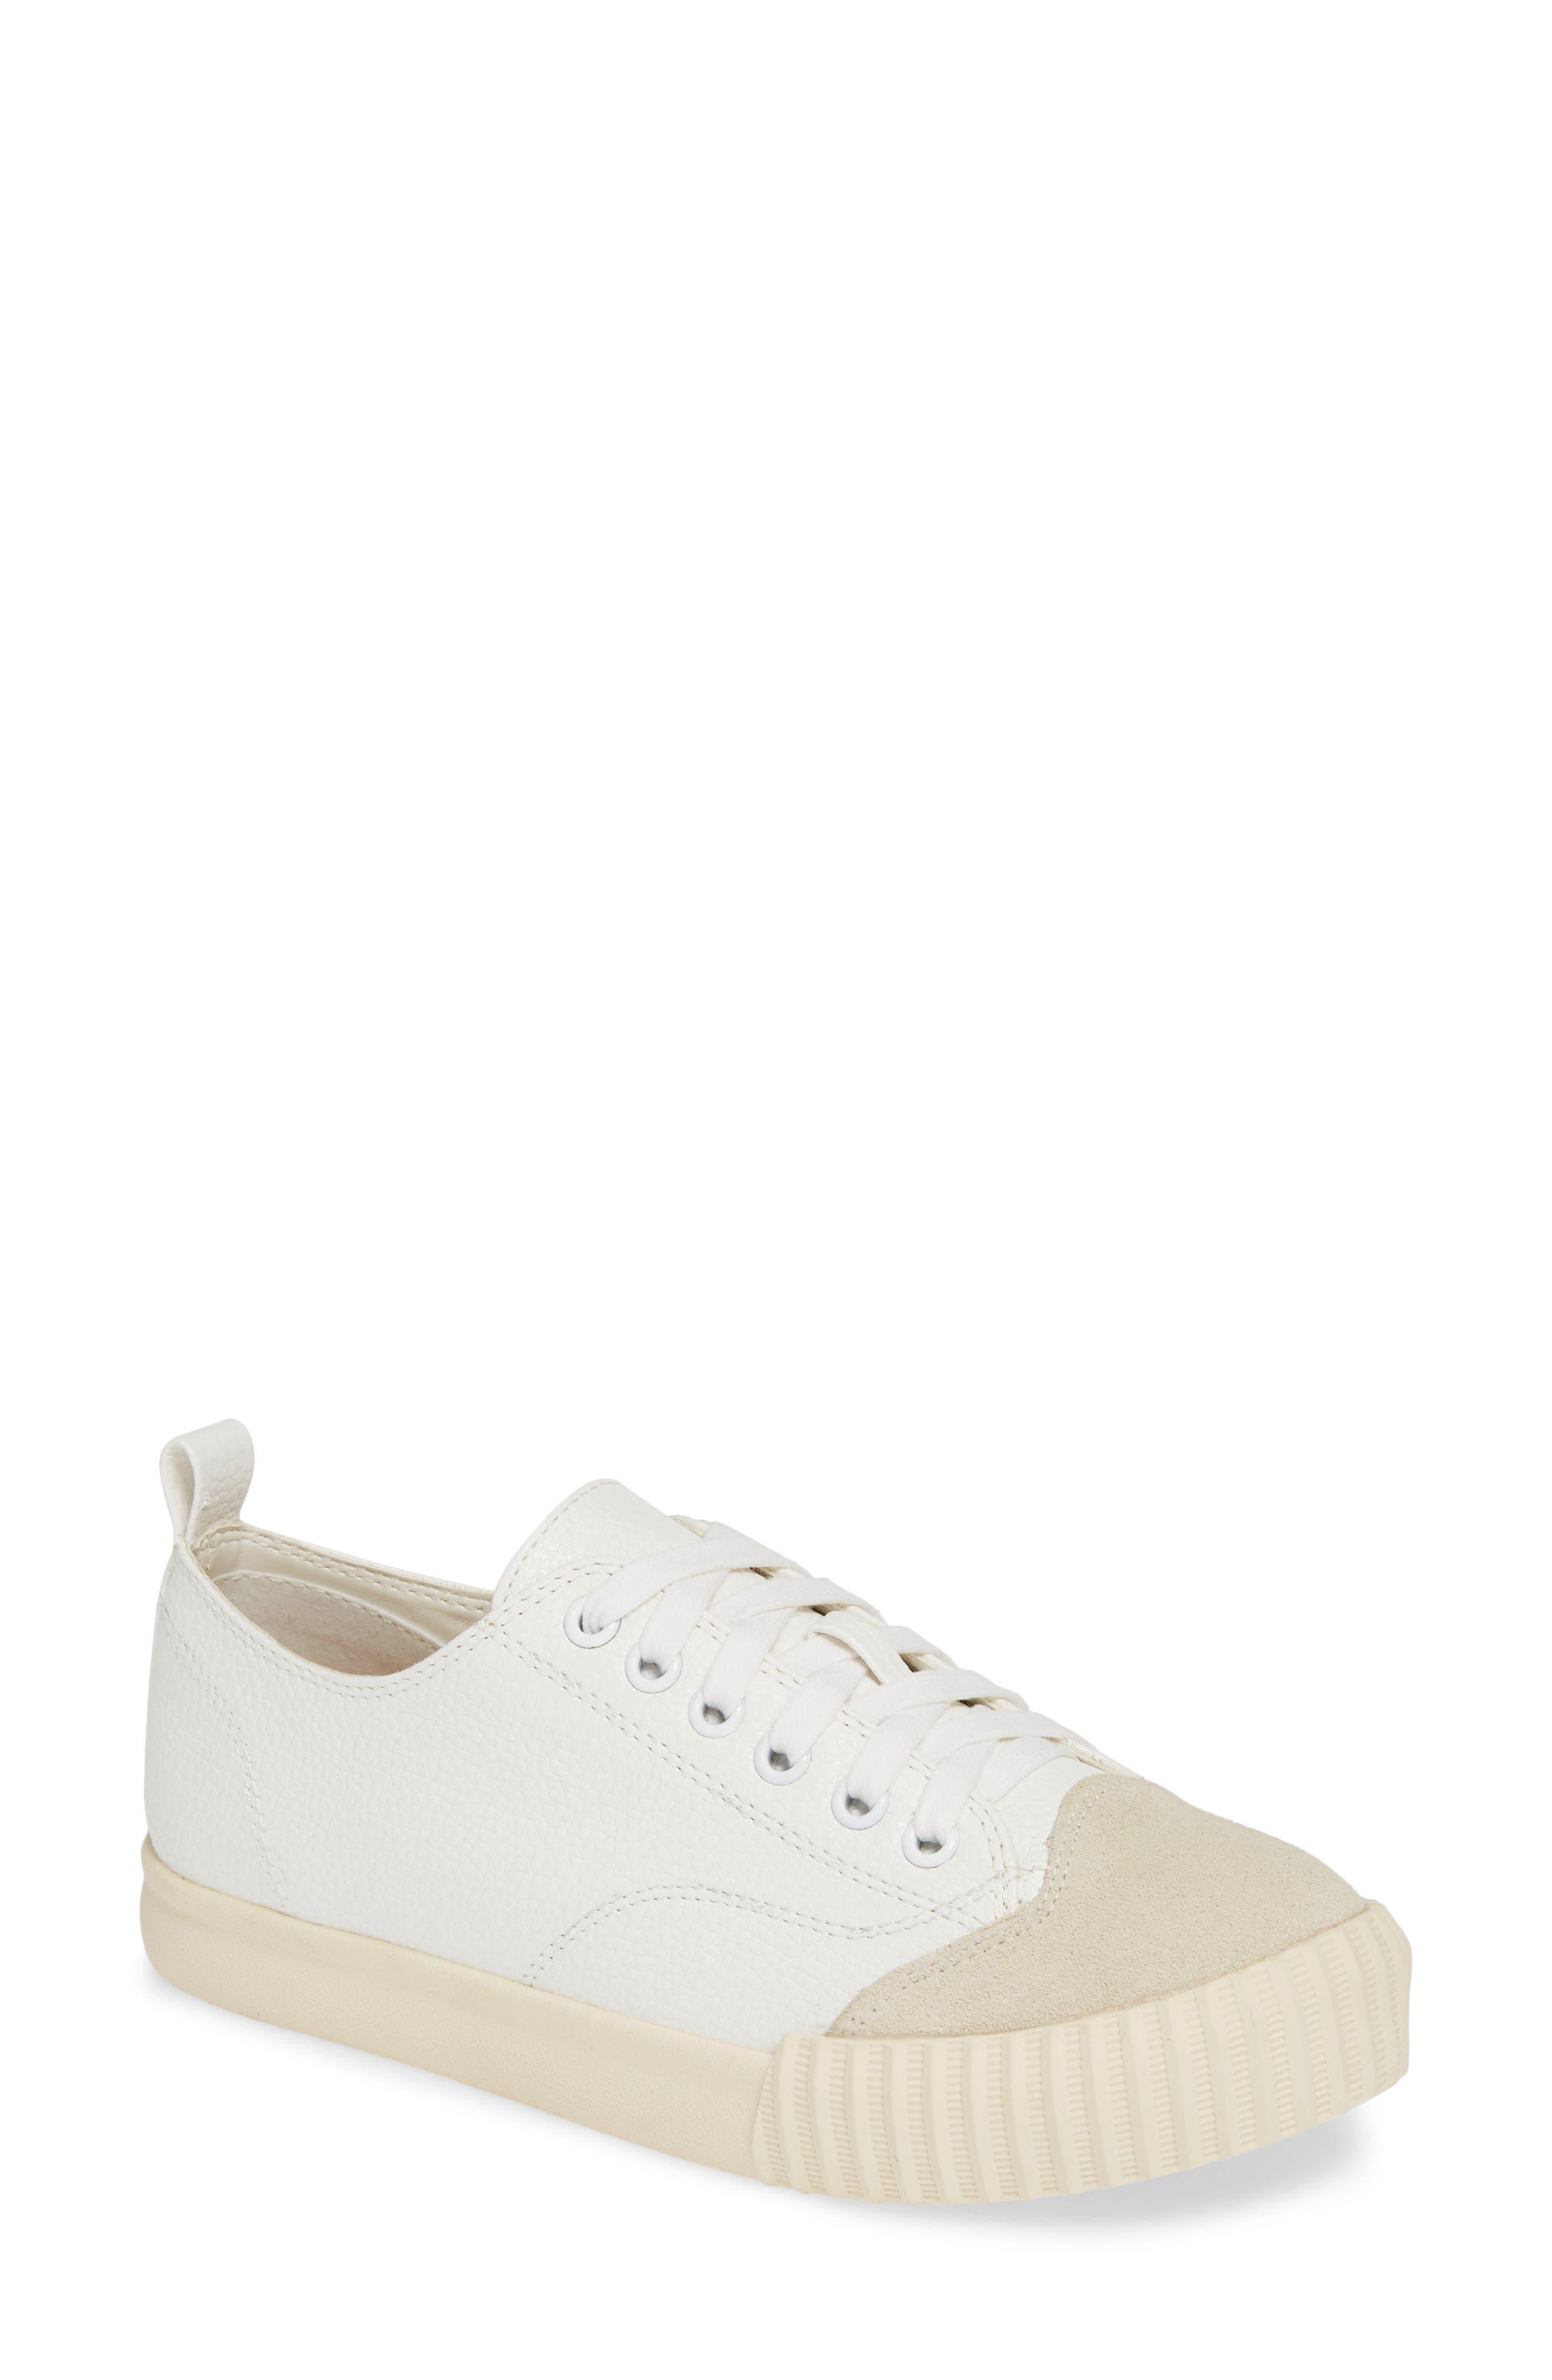 Mia Grayson Sneaker- White